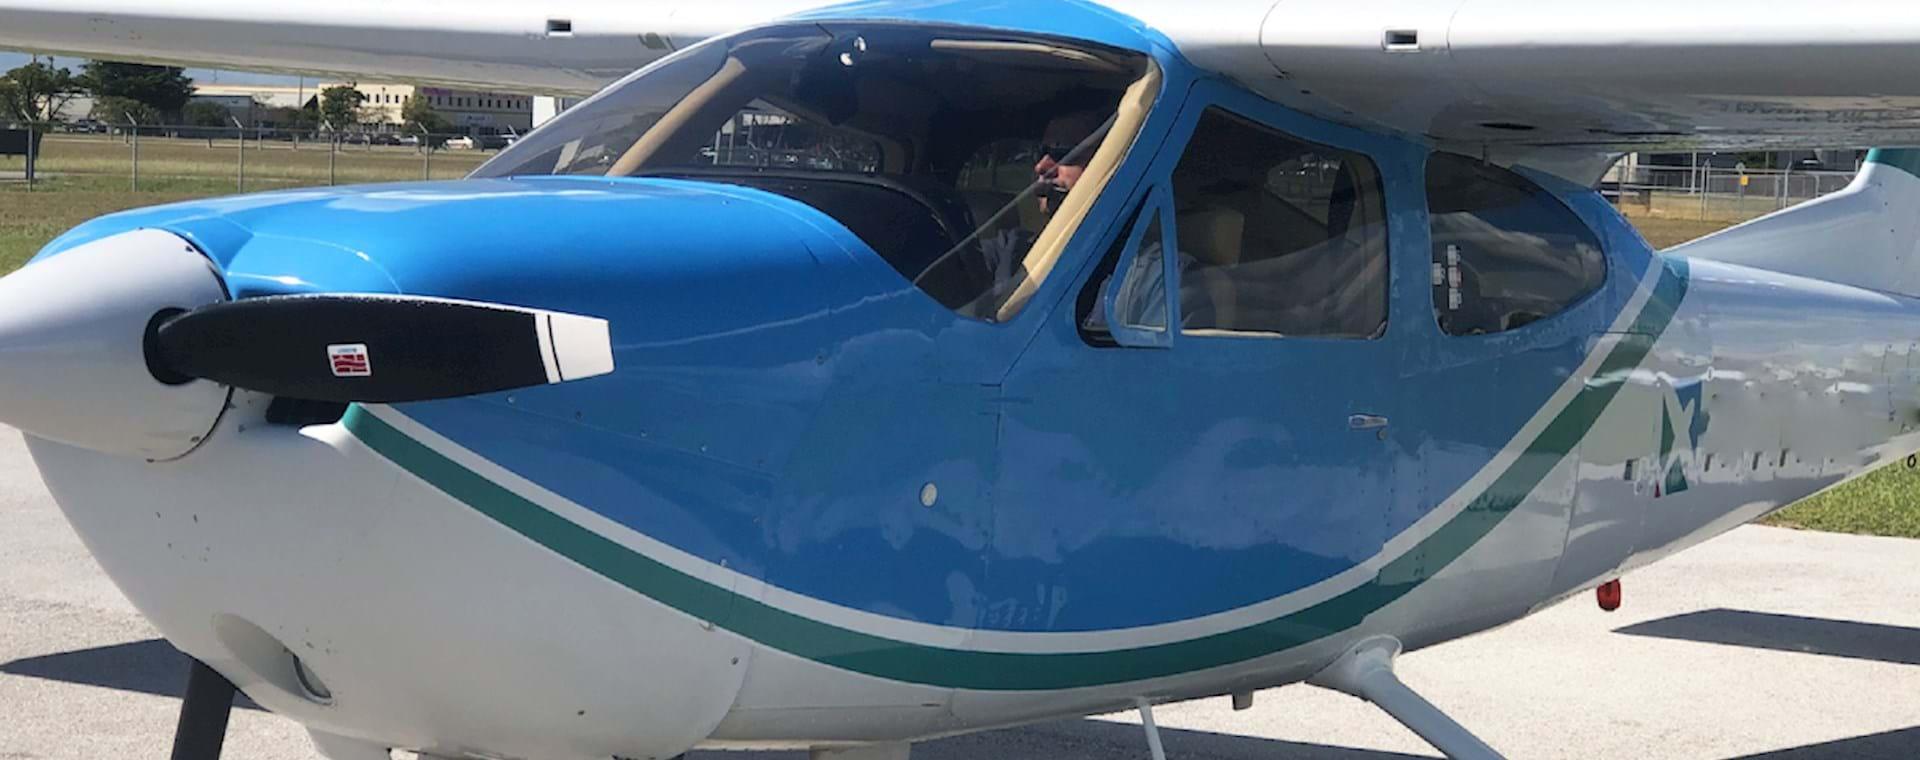 Plane tour over Miami